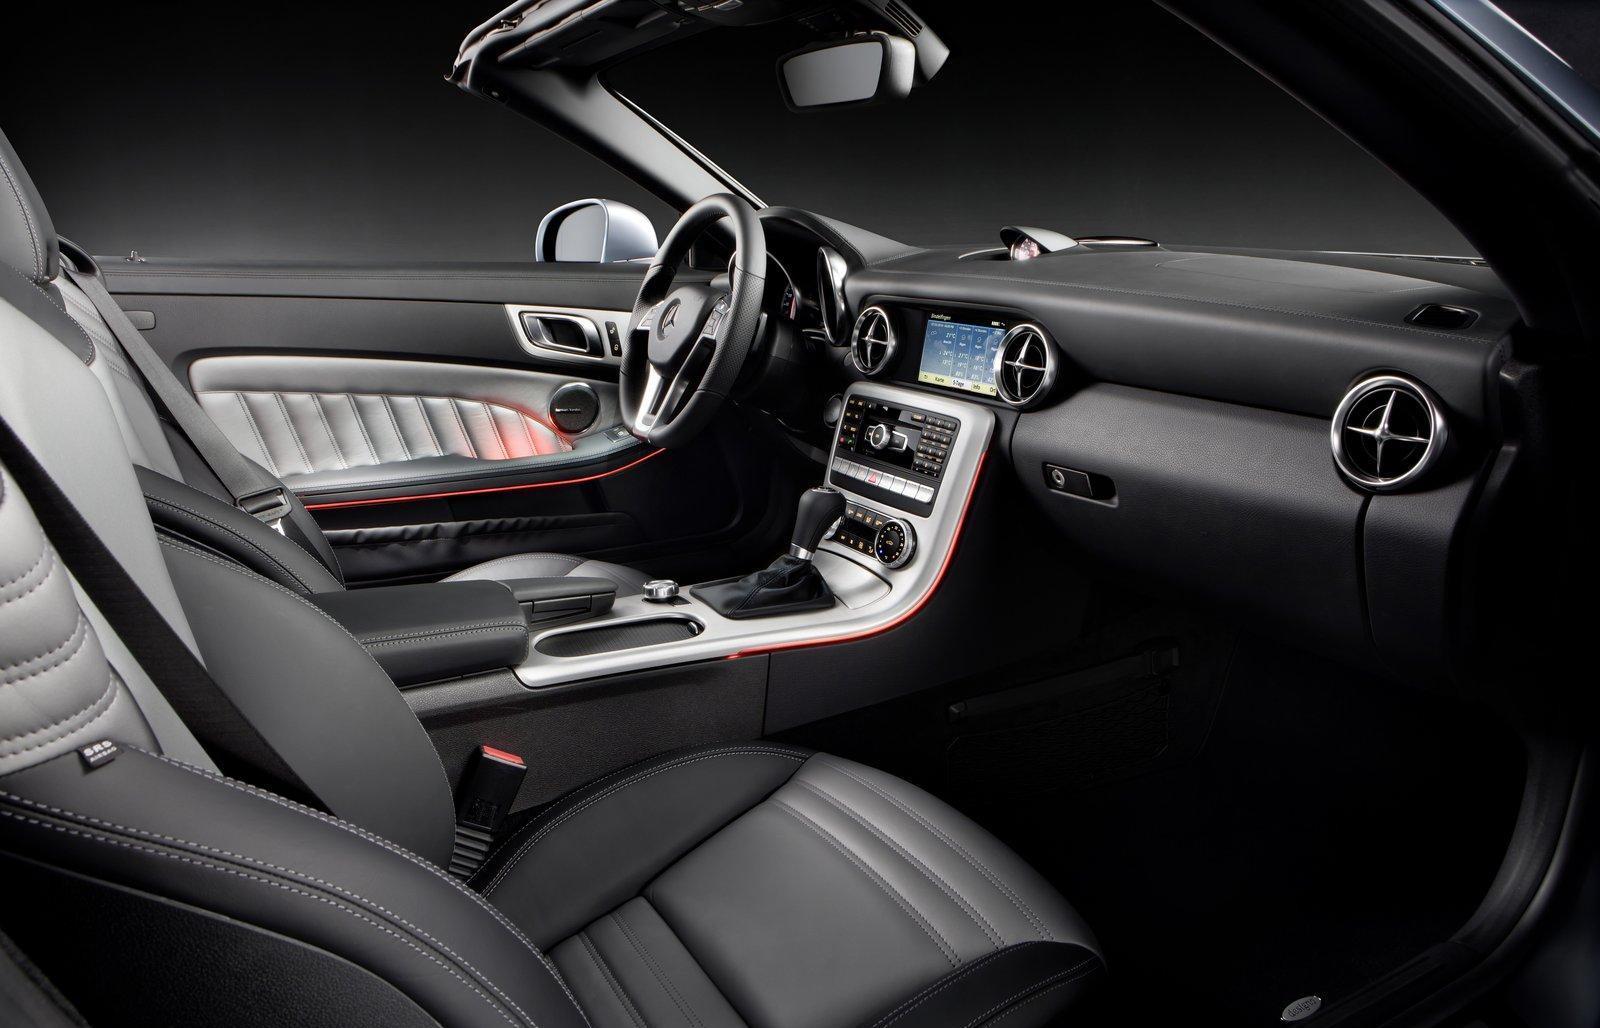 37,9€ από 120€ για Βιoλογικό Καθαρισμό & Εξωτερικό Πλύσιμο Αυτοκινήτου, στο Υψηλής τεχνολογίας ''Super Car Wash'' στα Βριλήσσια εικόνα